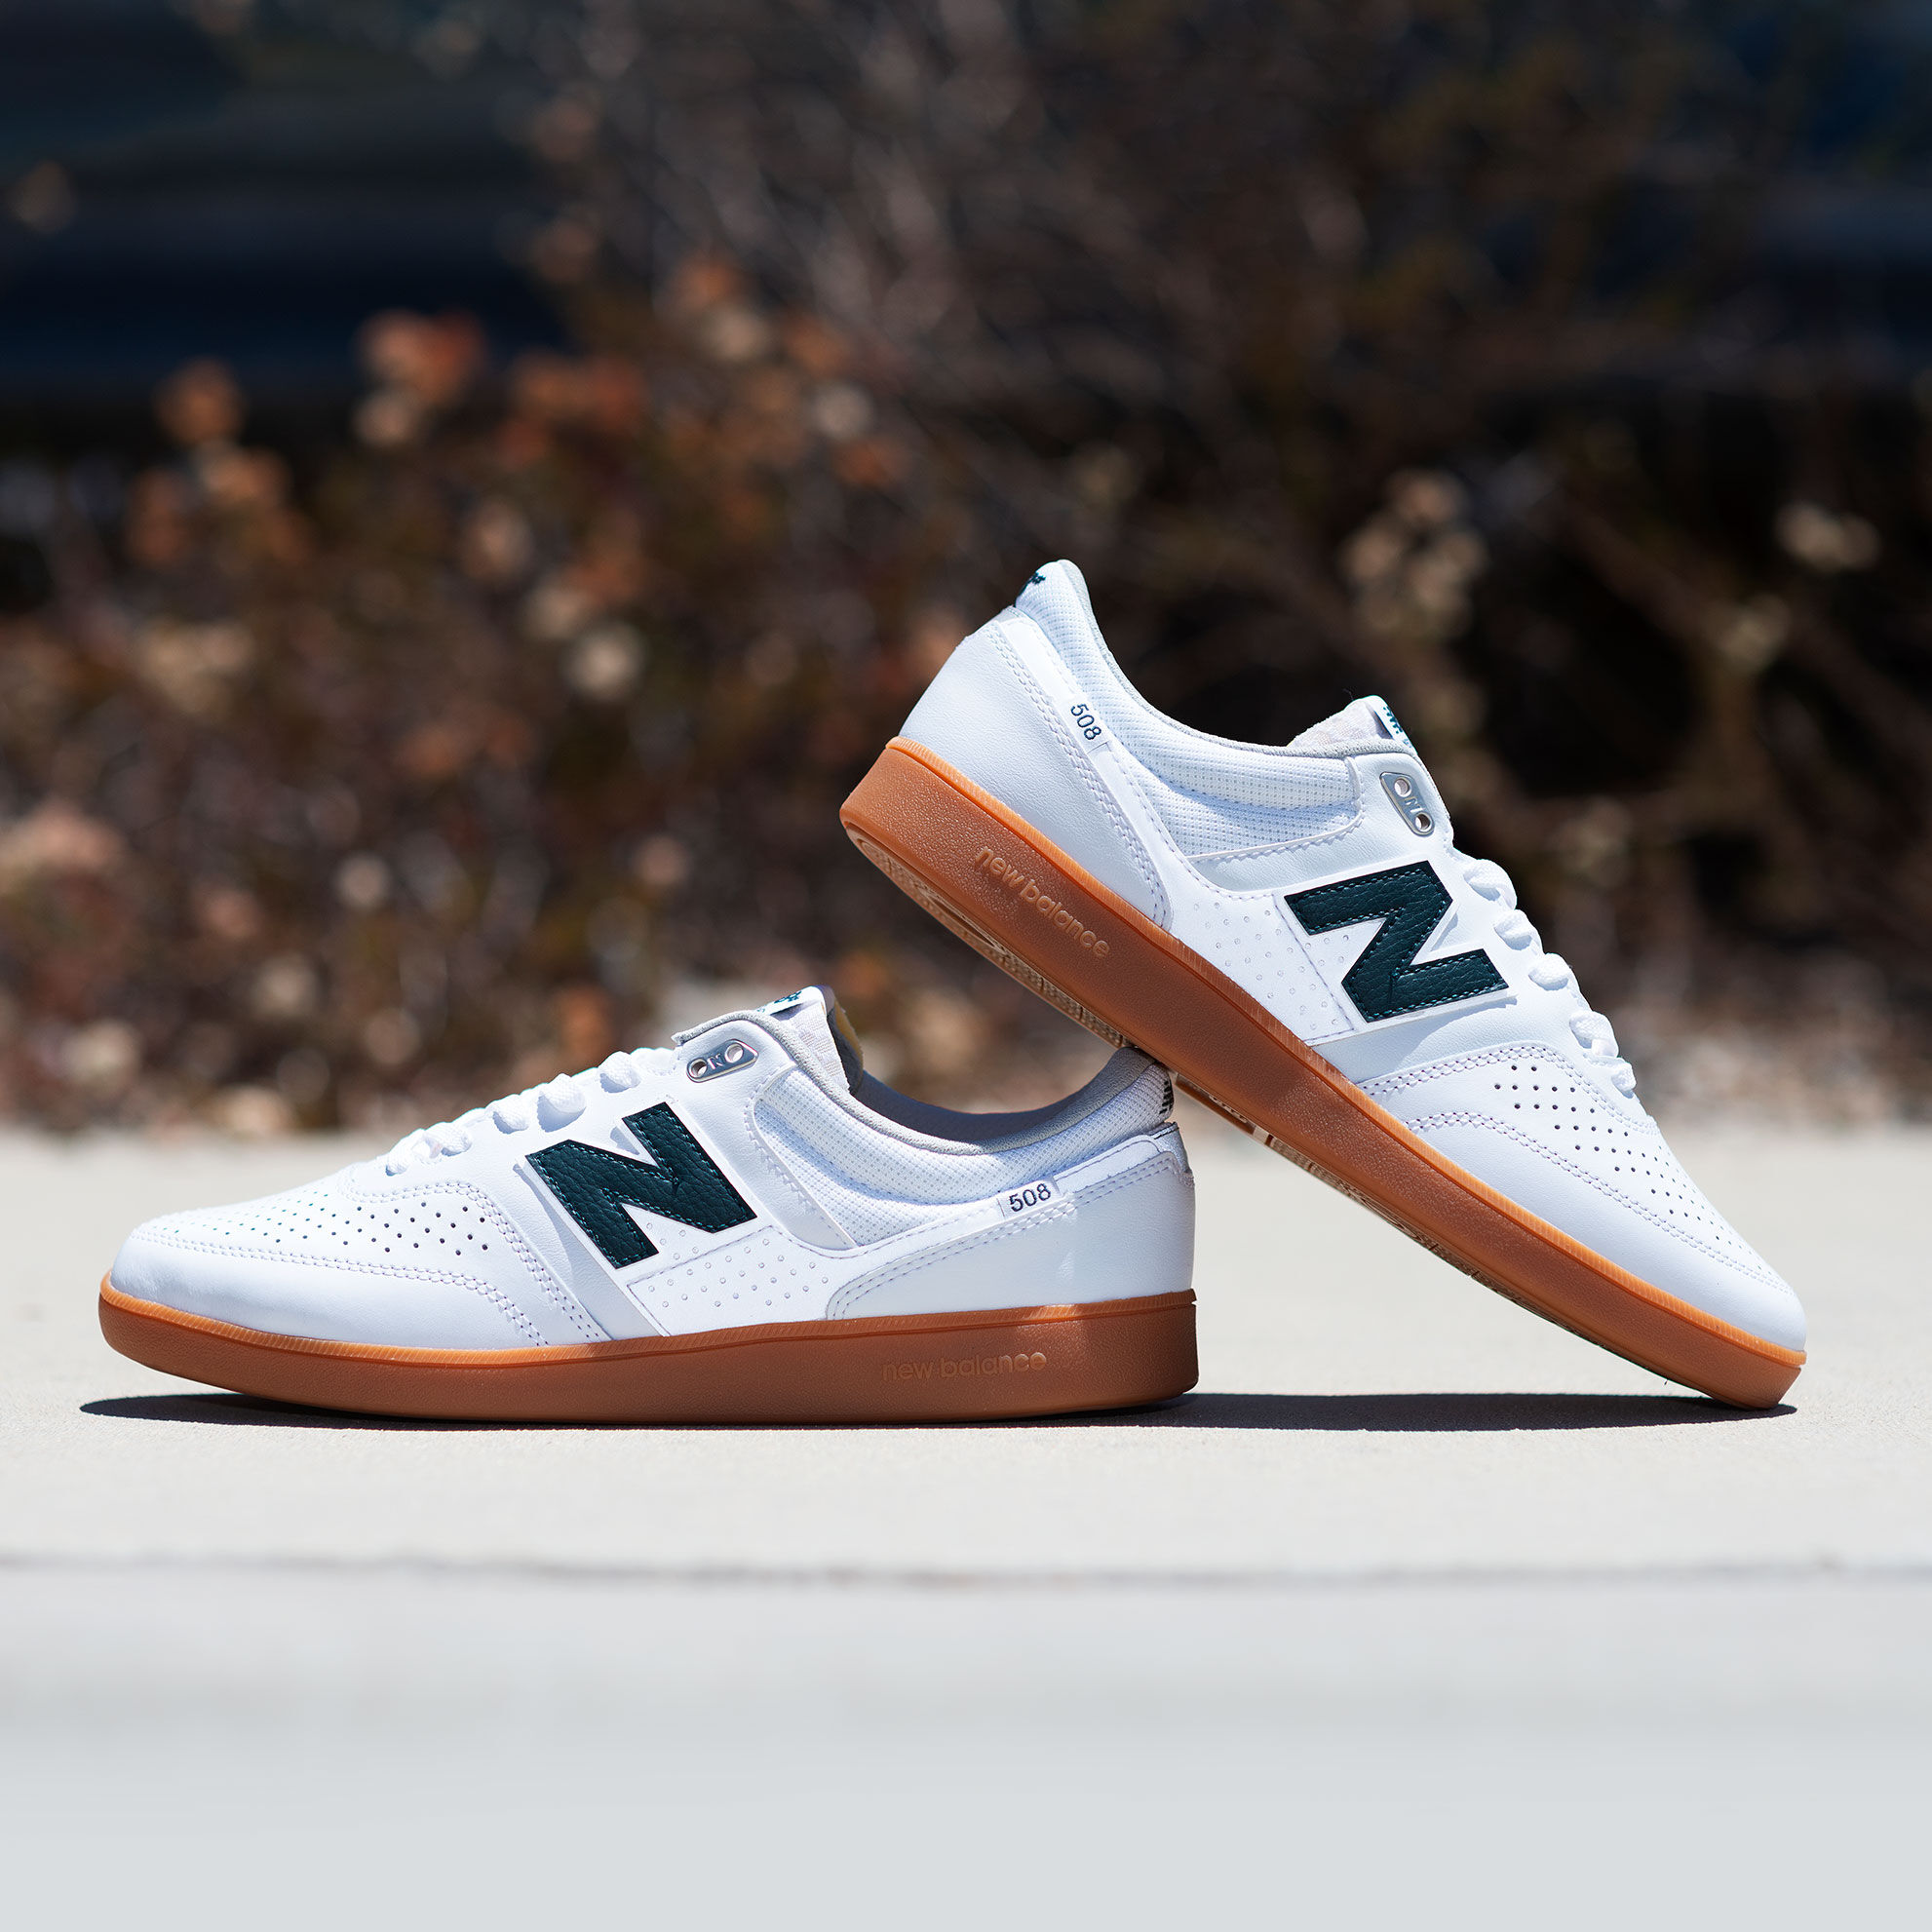 Scarpe e abbigliamento da skate NB Numeric da uomo - New Balance